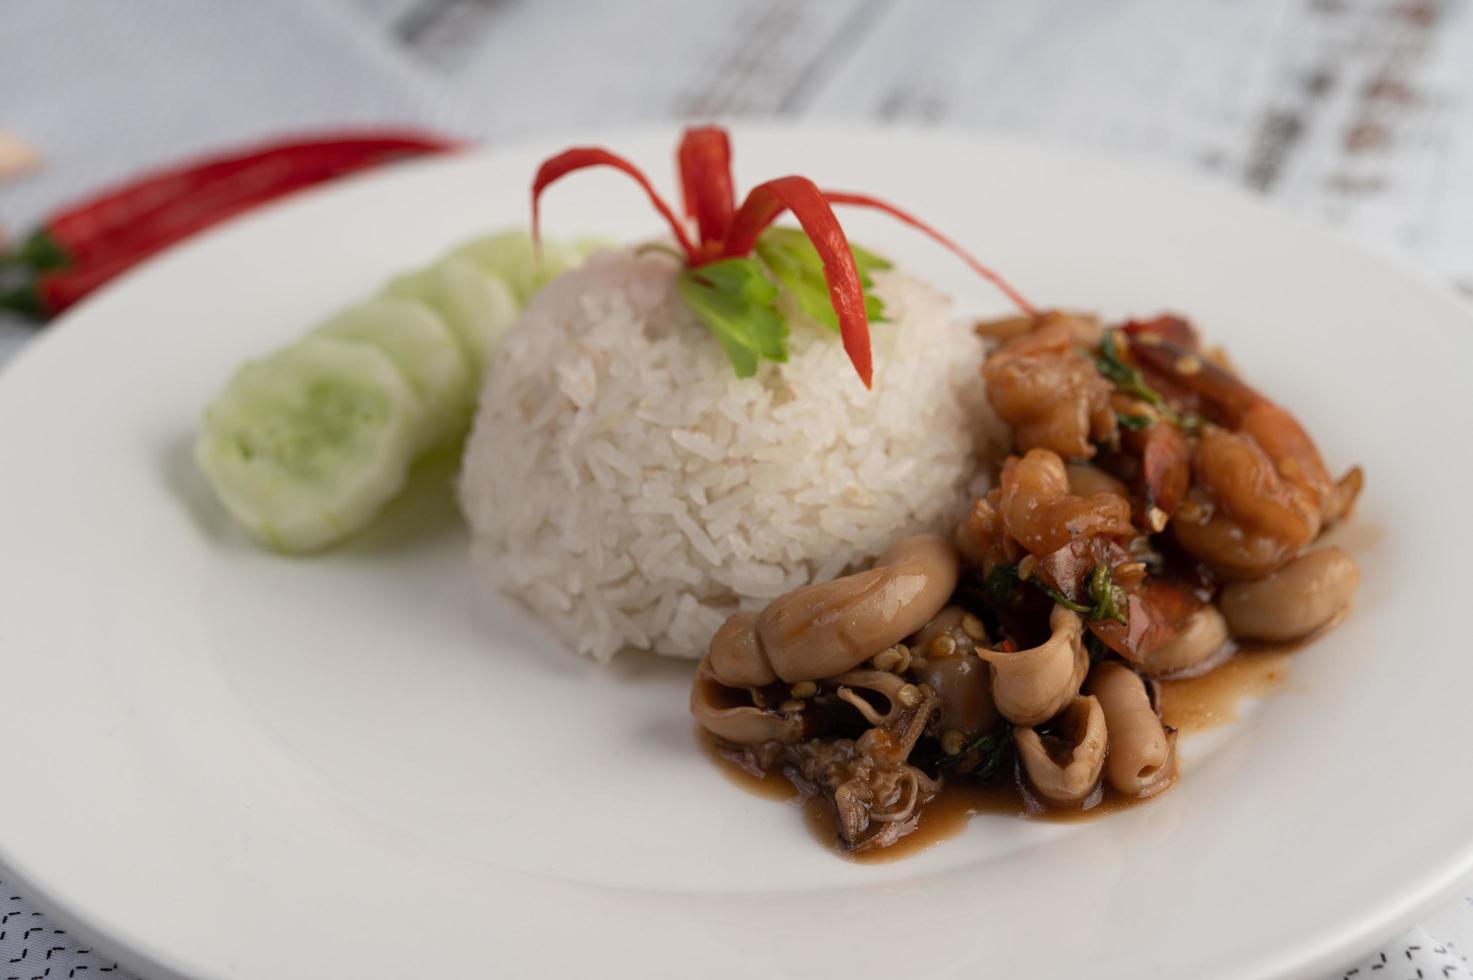 rijst gegarneerd met roergebakken basilicum met inktvis en garnalen foto